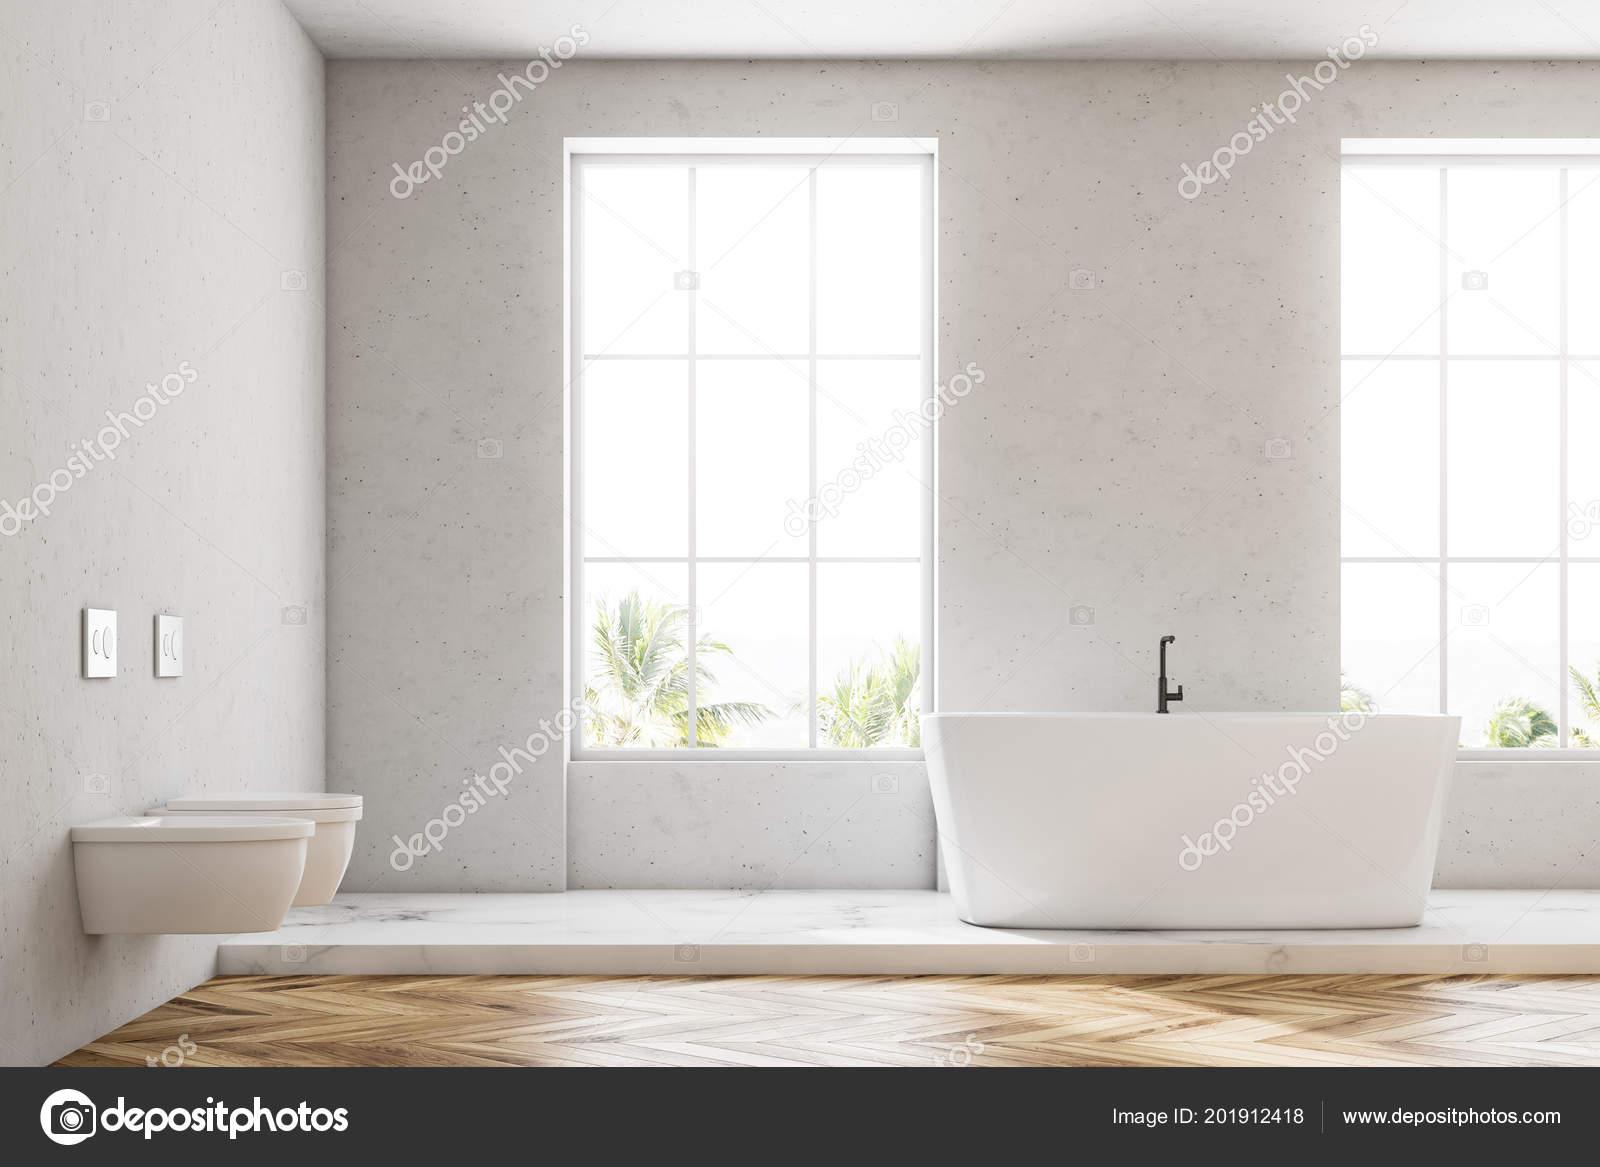 Biały Luksusowe Wnętrze łazienka Drewnianą Podłogą Białą